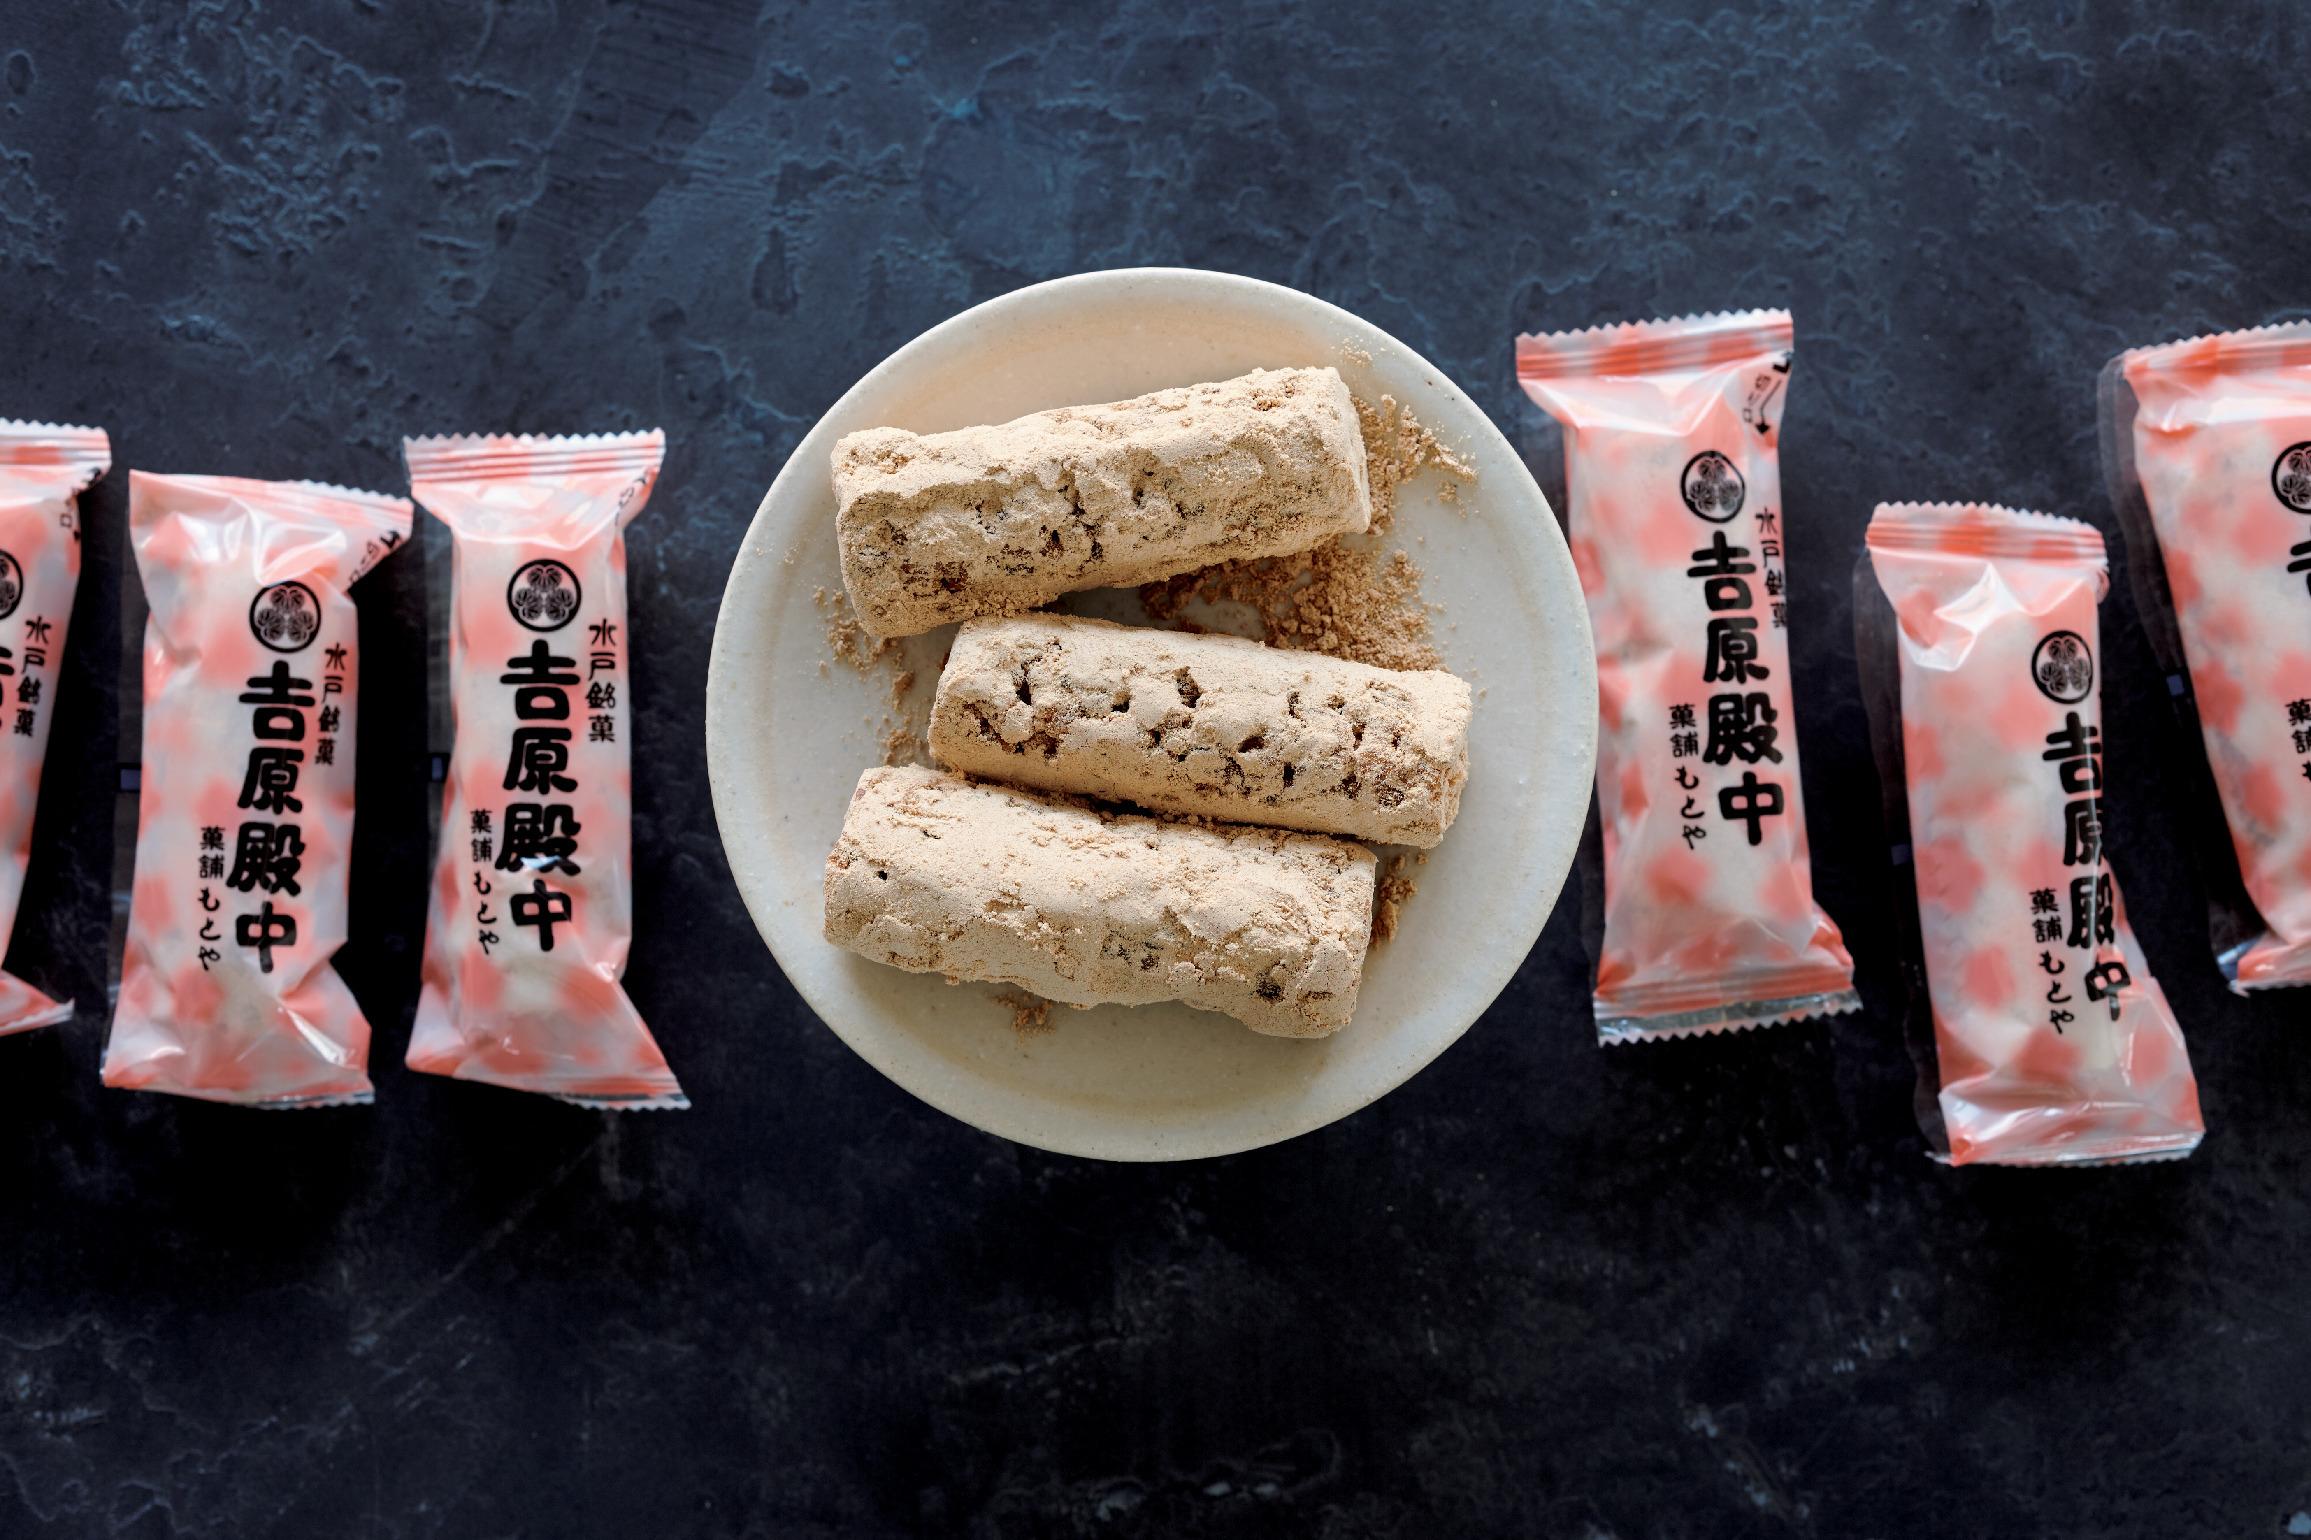 老舗の名店&懐かしい味も 地元の人々に愛される東北・北関東の銘菓 五選_1_1-5